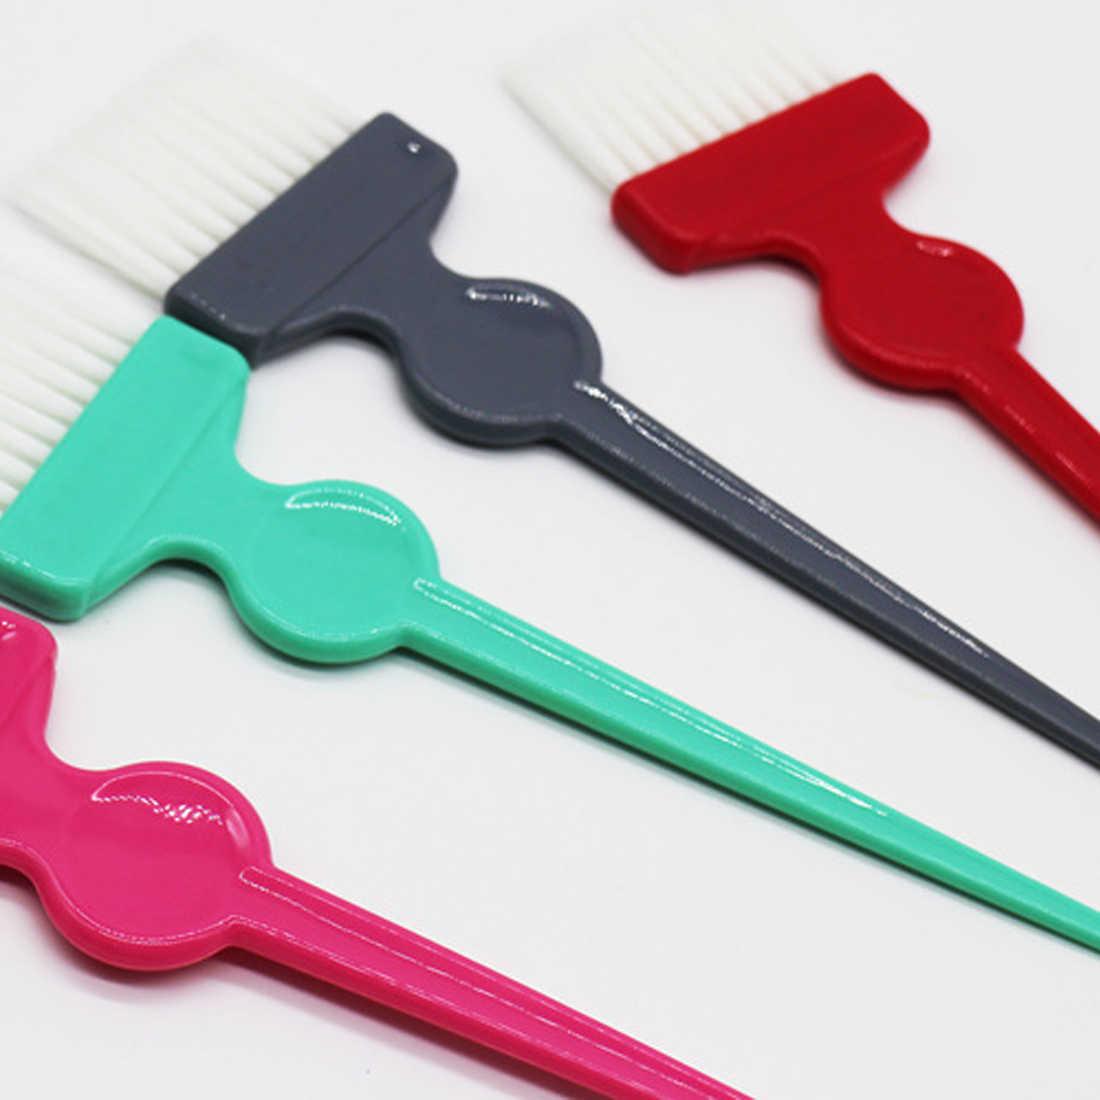 1 шт. Профессиональная стрижка волос, окрашивающая щетка для окрашивания волос, инструменты для укладки волос, цветная щетка для окрашивания волос, двухсторонний инструмент для парикмахерской